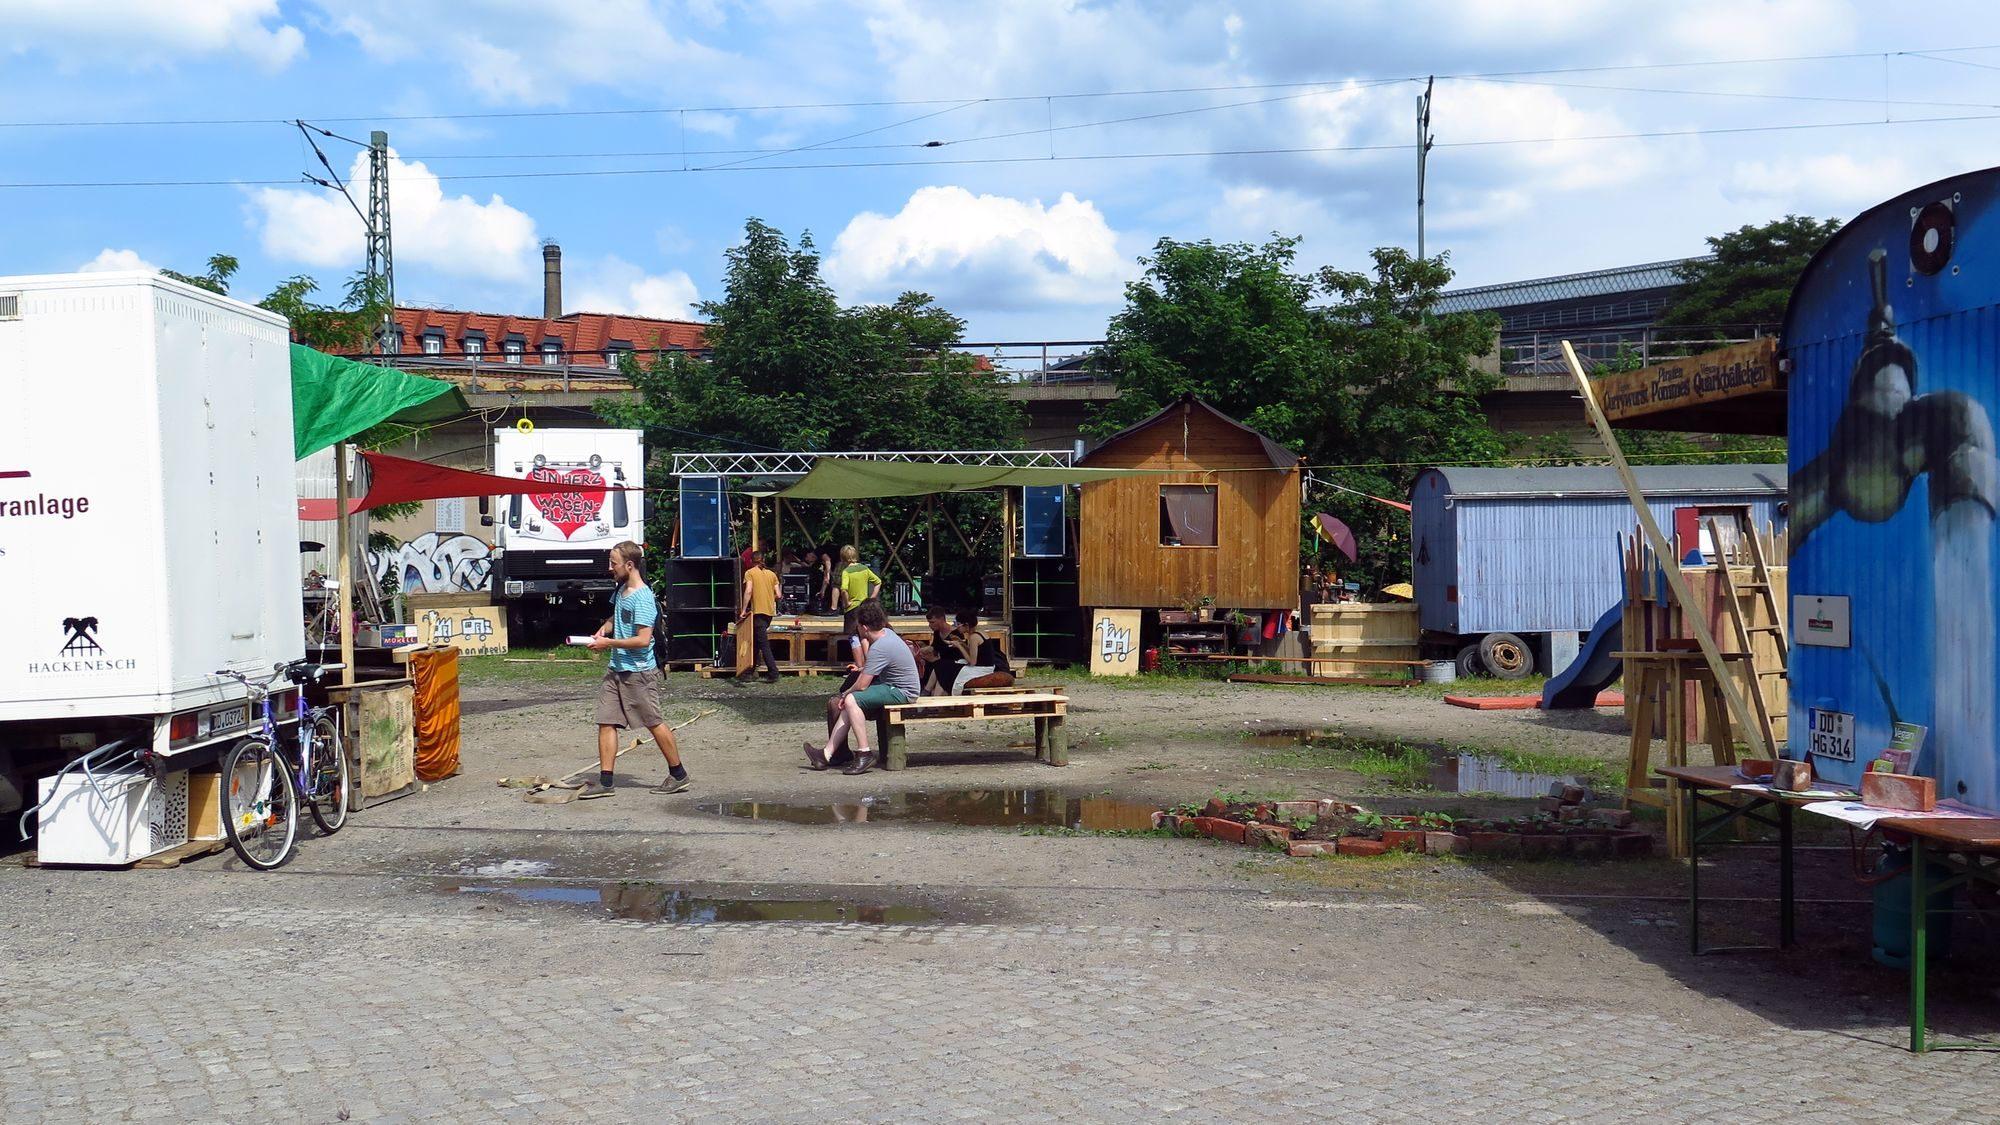 Wagenplatzfest am Alten Leipziger Bahnhof